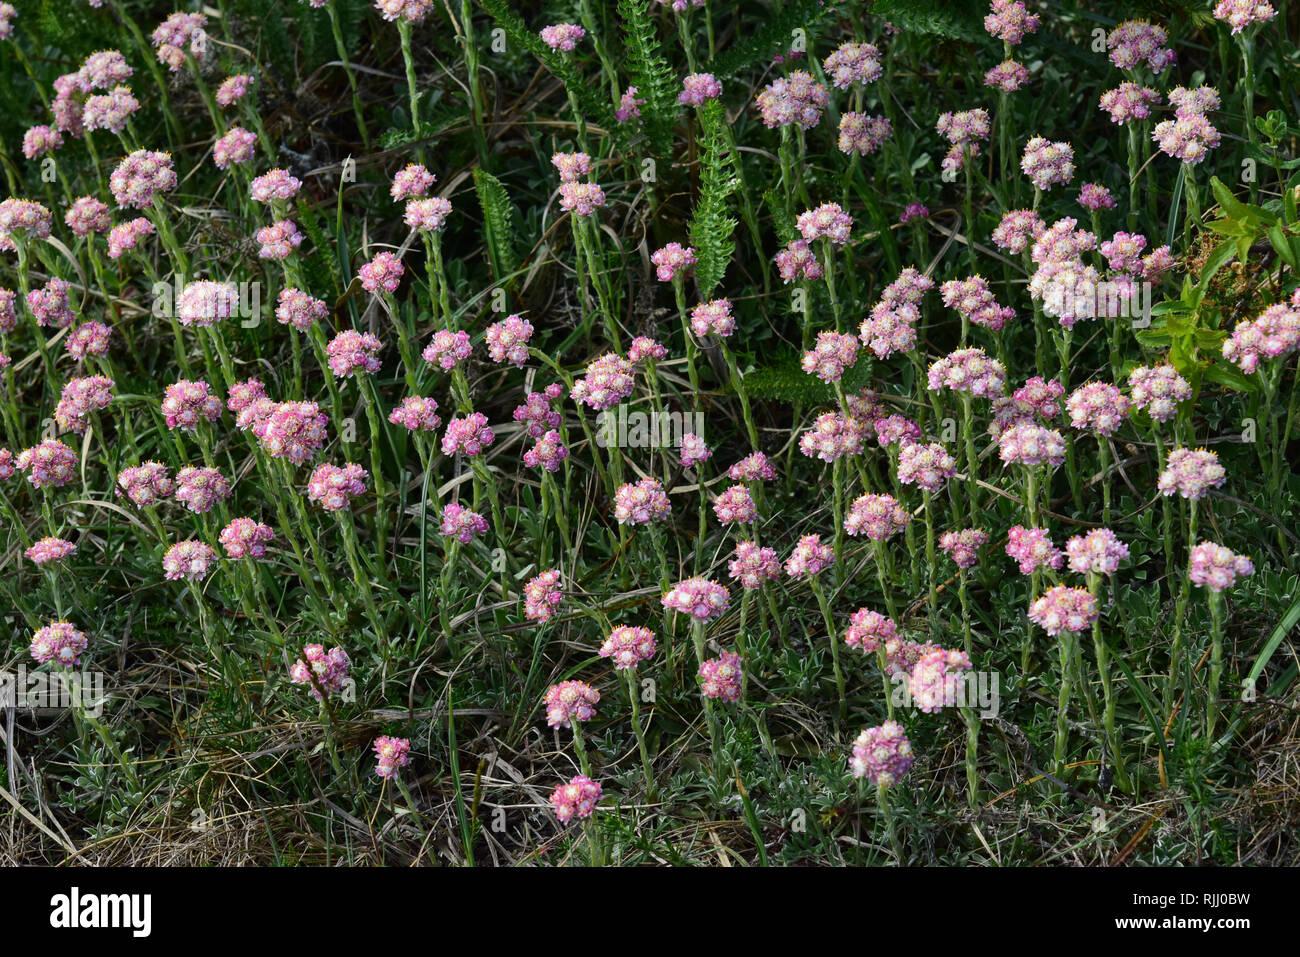 Gatti rossa Zampa-Antennaria dioeca